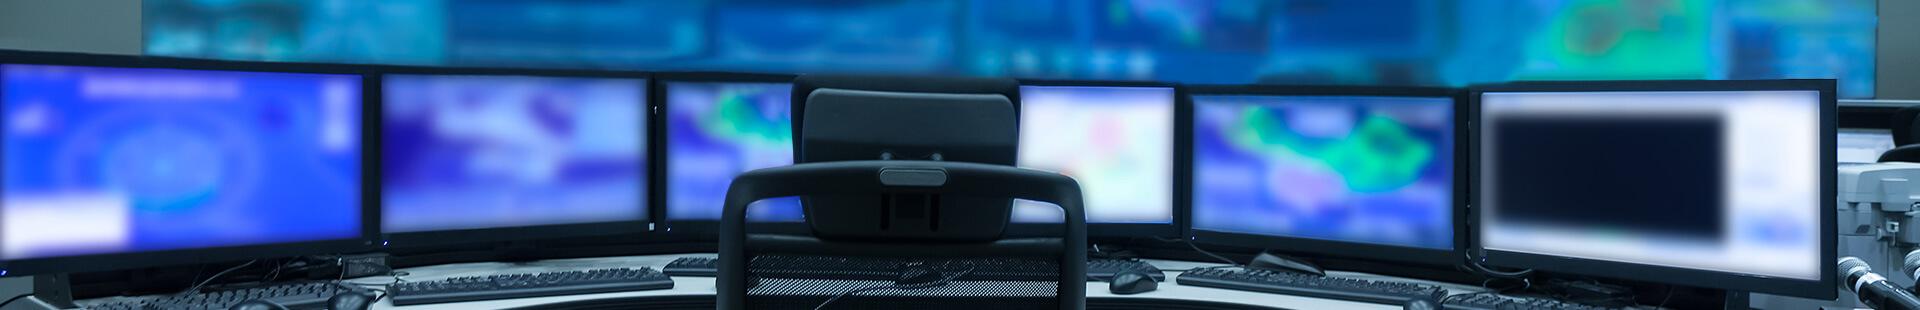 systemy syst monitorowania podstrona